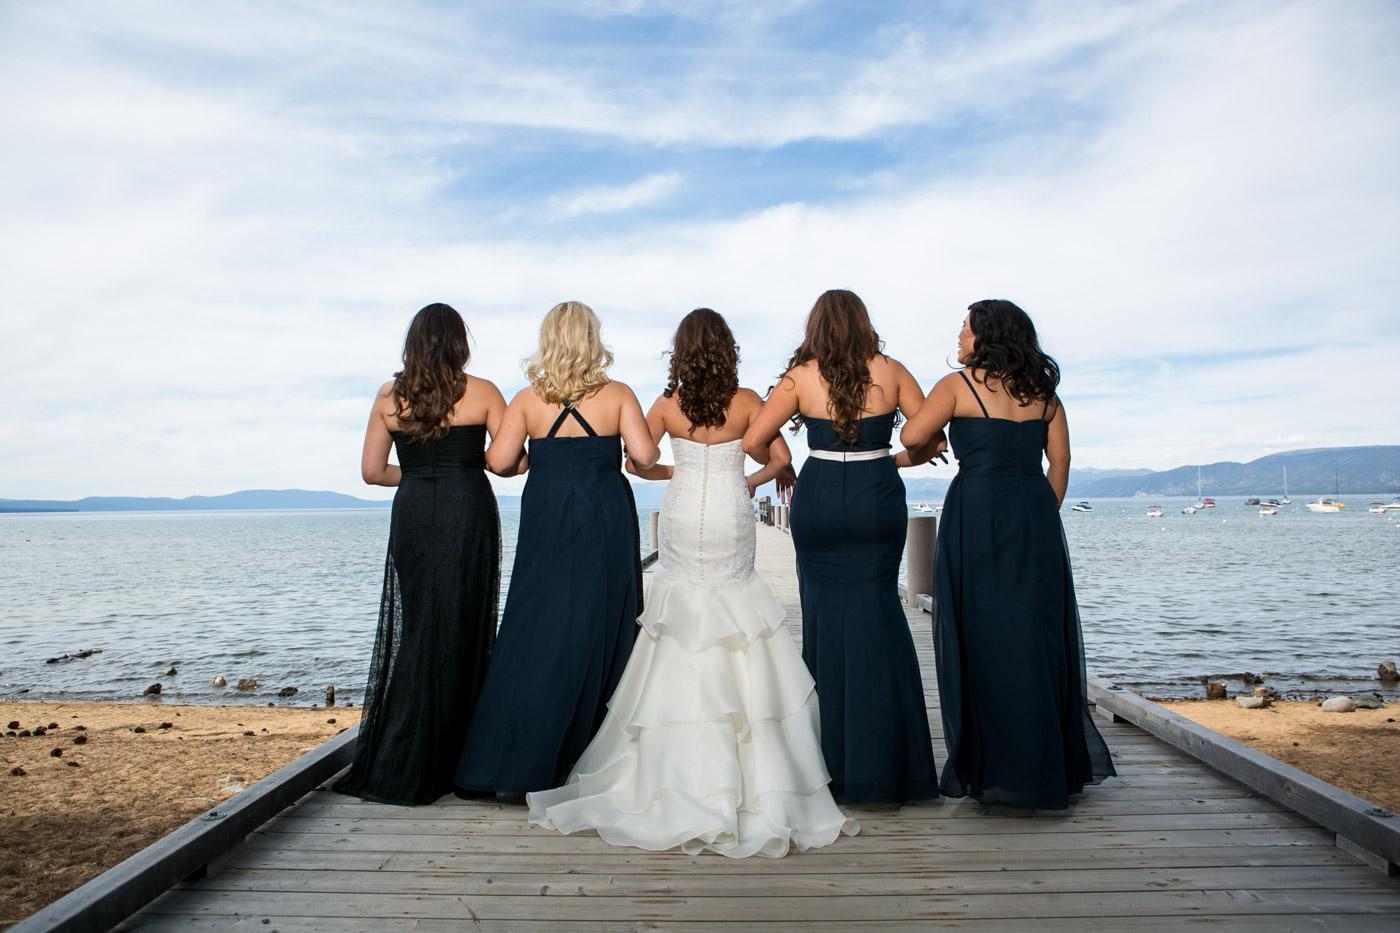 lake-tahoe-weddings-tahoe-weddings-1